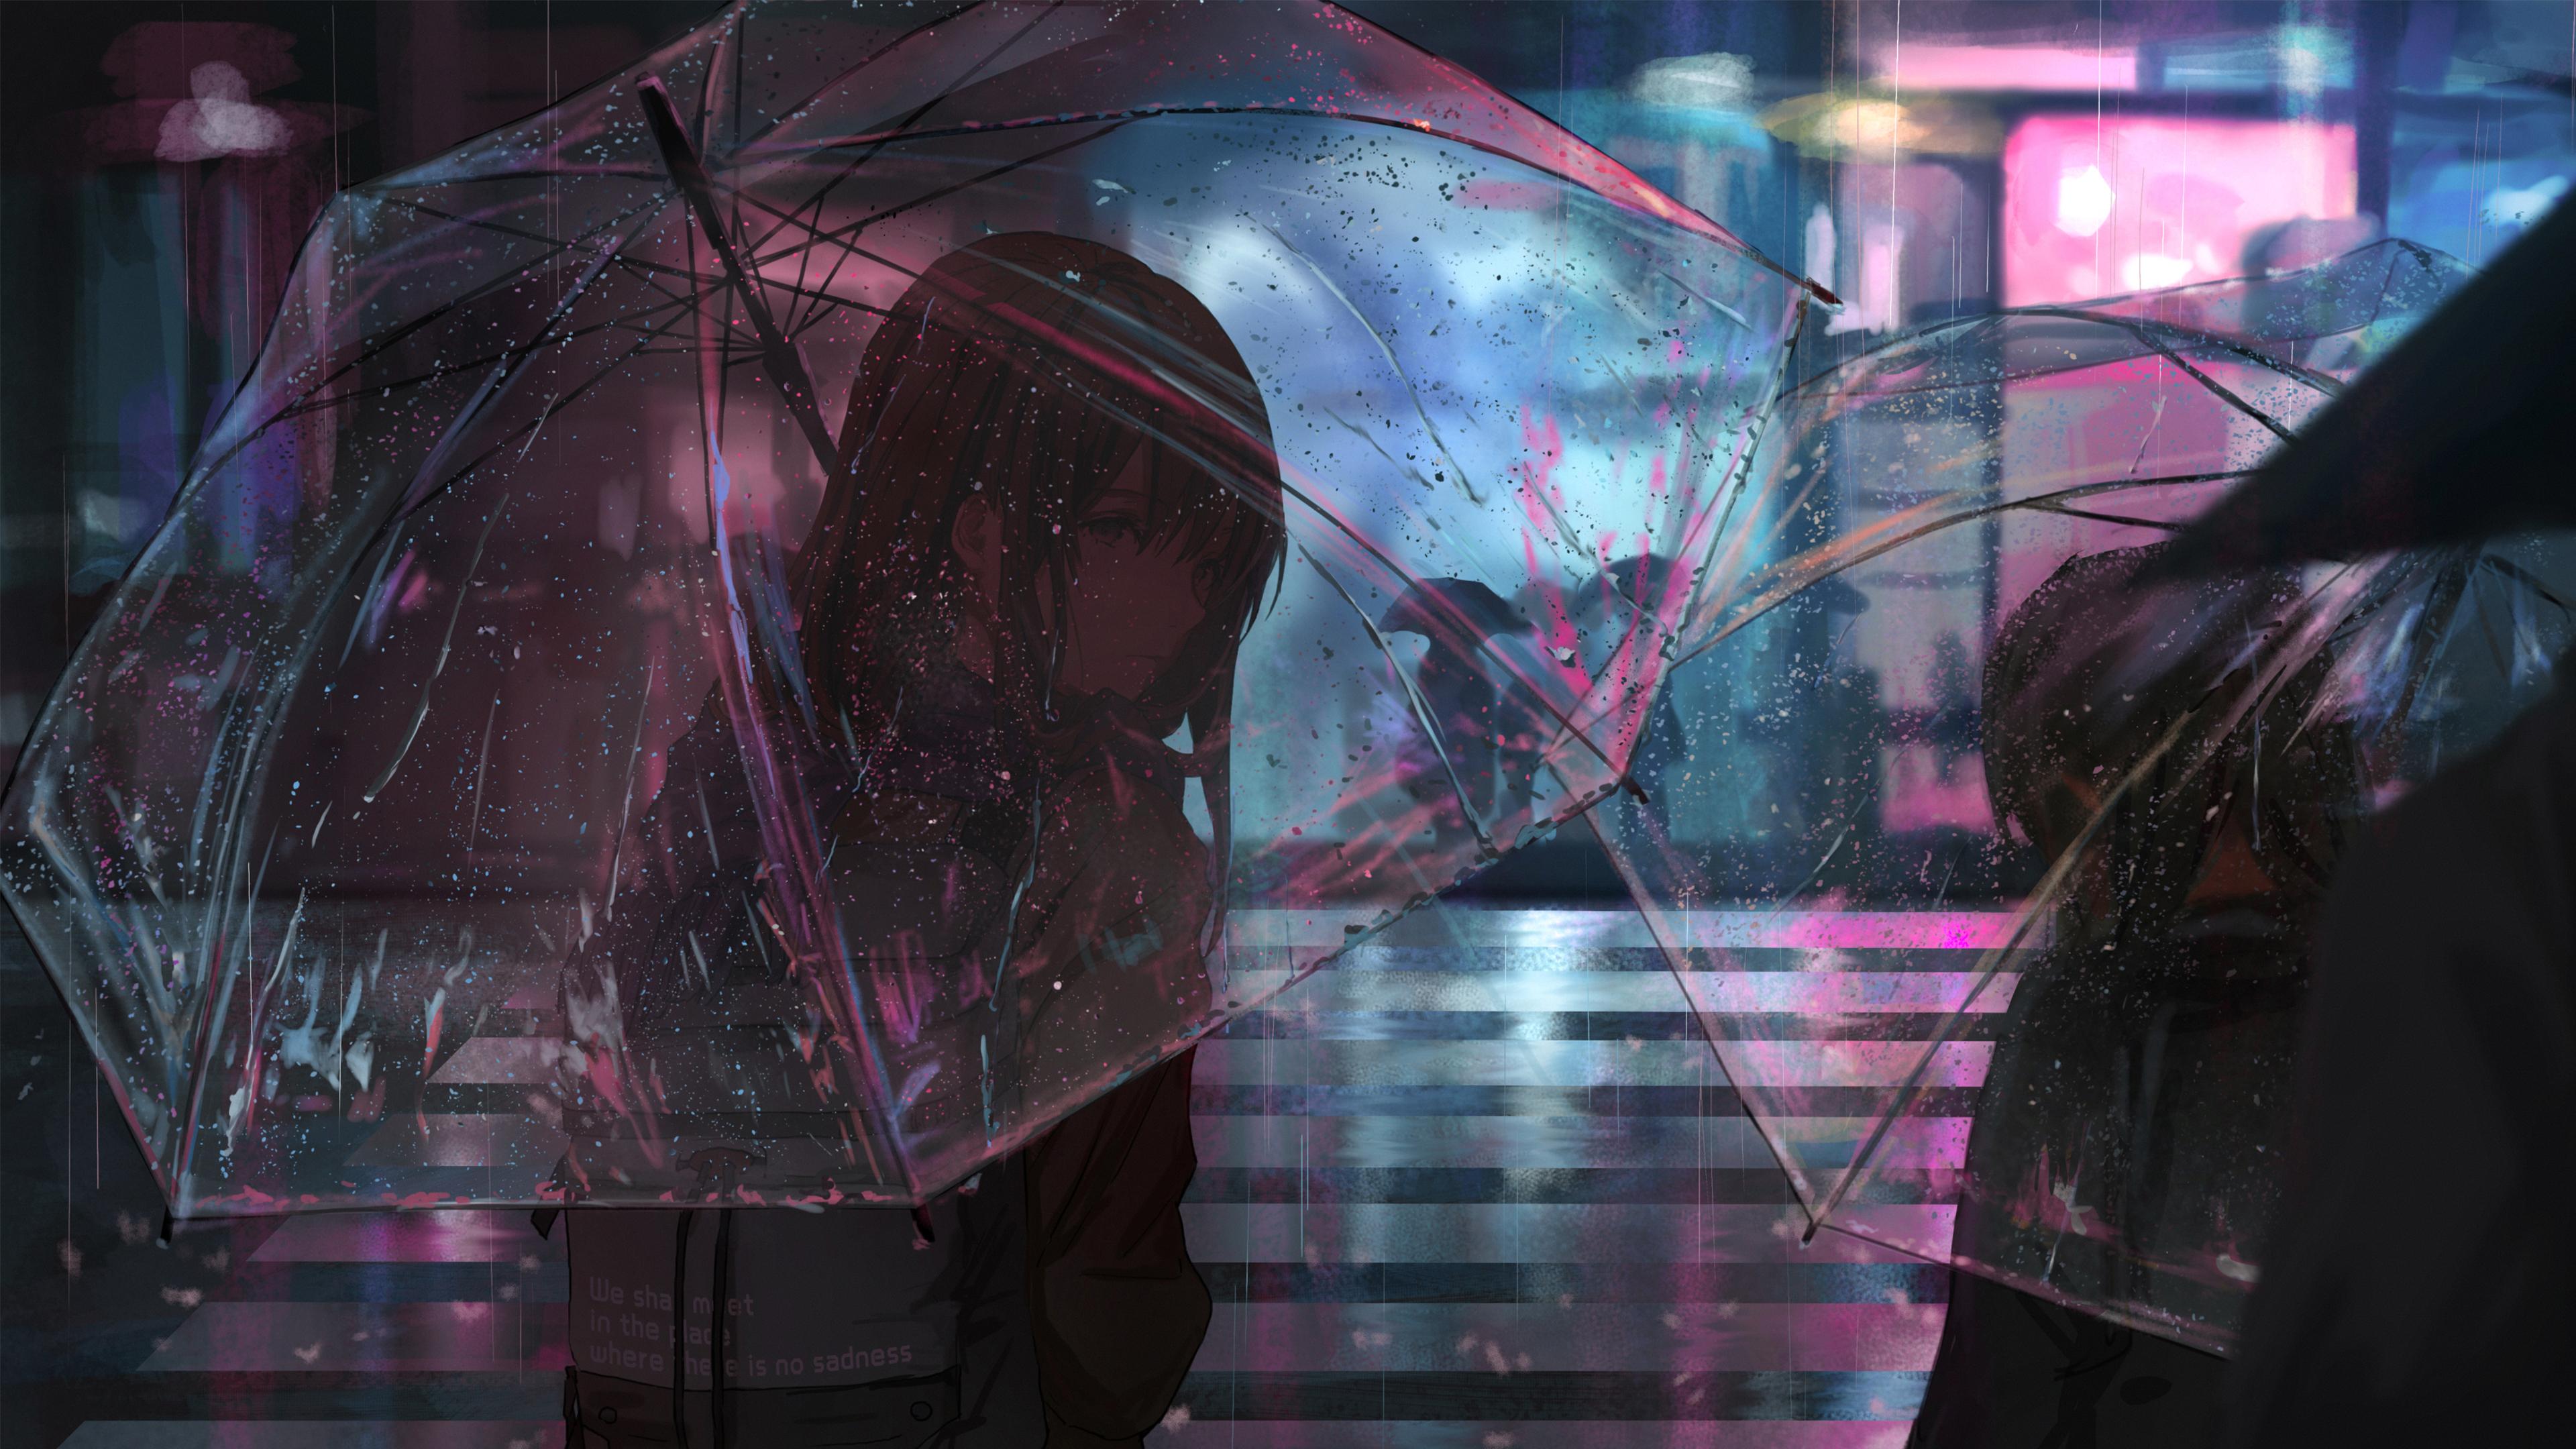 anime girl in rain with umbrella 4k 1546277648 - Anime Girl In Rain With Umbrella 4k - umbrella wallpapers, rain wallpapers, hd-wallpapers, digital art wallpapers, artwork wallpapers, artist wallpapers, anime wallpapers, anime girl wallpapers, 4k-wallpapers